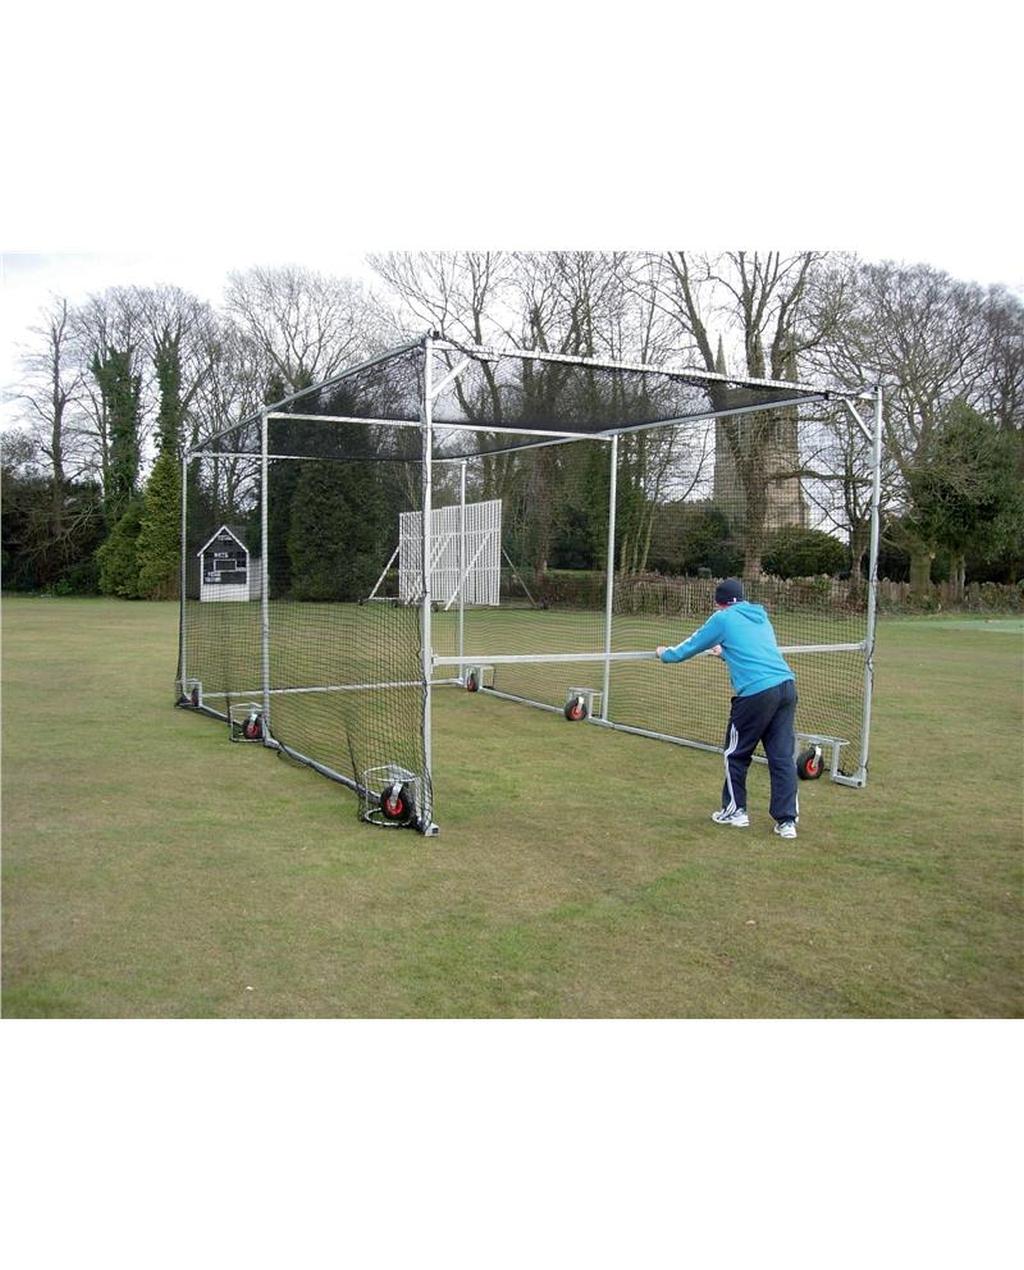 Wheelaway Cricket Cage - Wheelaway